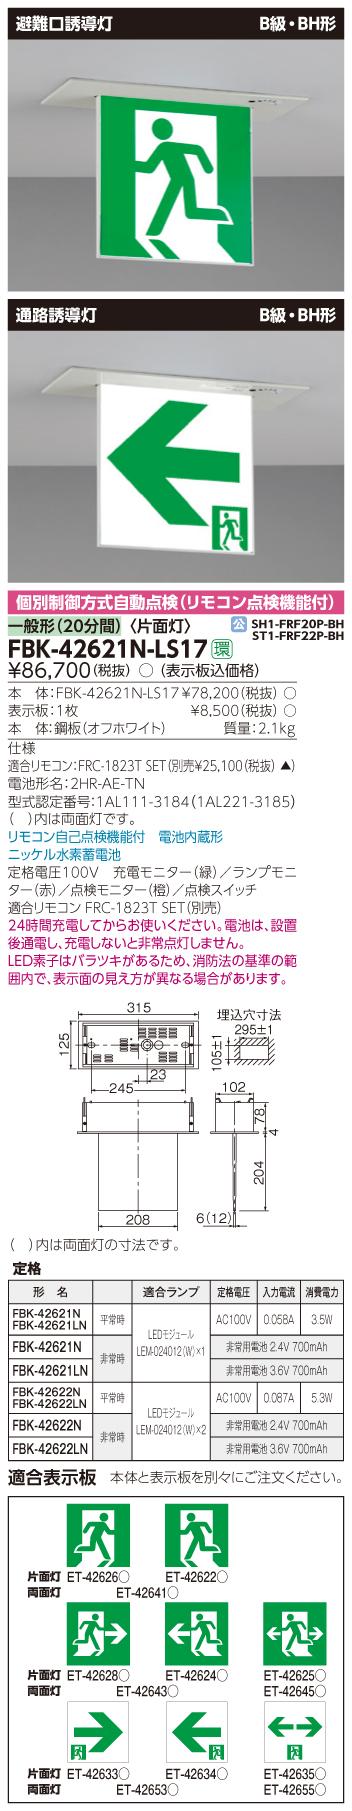 【法人様限定】東芝 FBK-42621N-LS17 LED誘導灯 天井埋込形 電池内蔵 片面 B級BH形 一般形(20分) 【表示板別売】